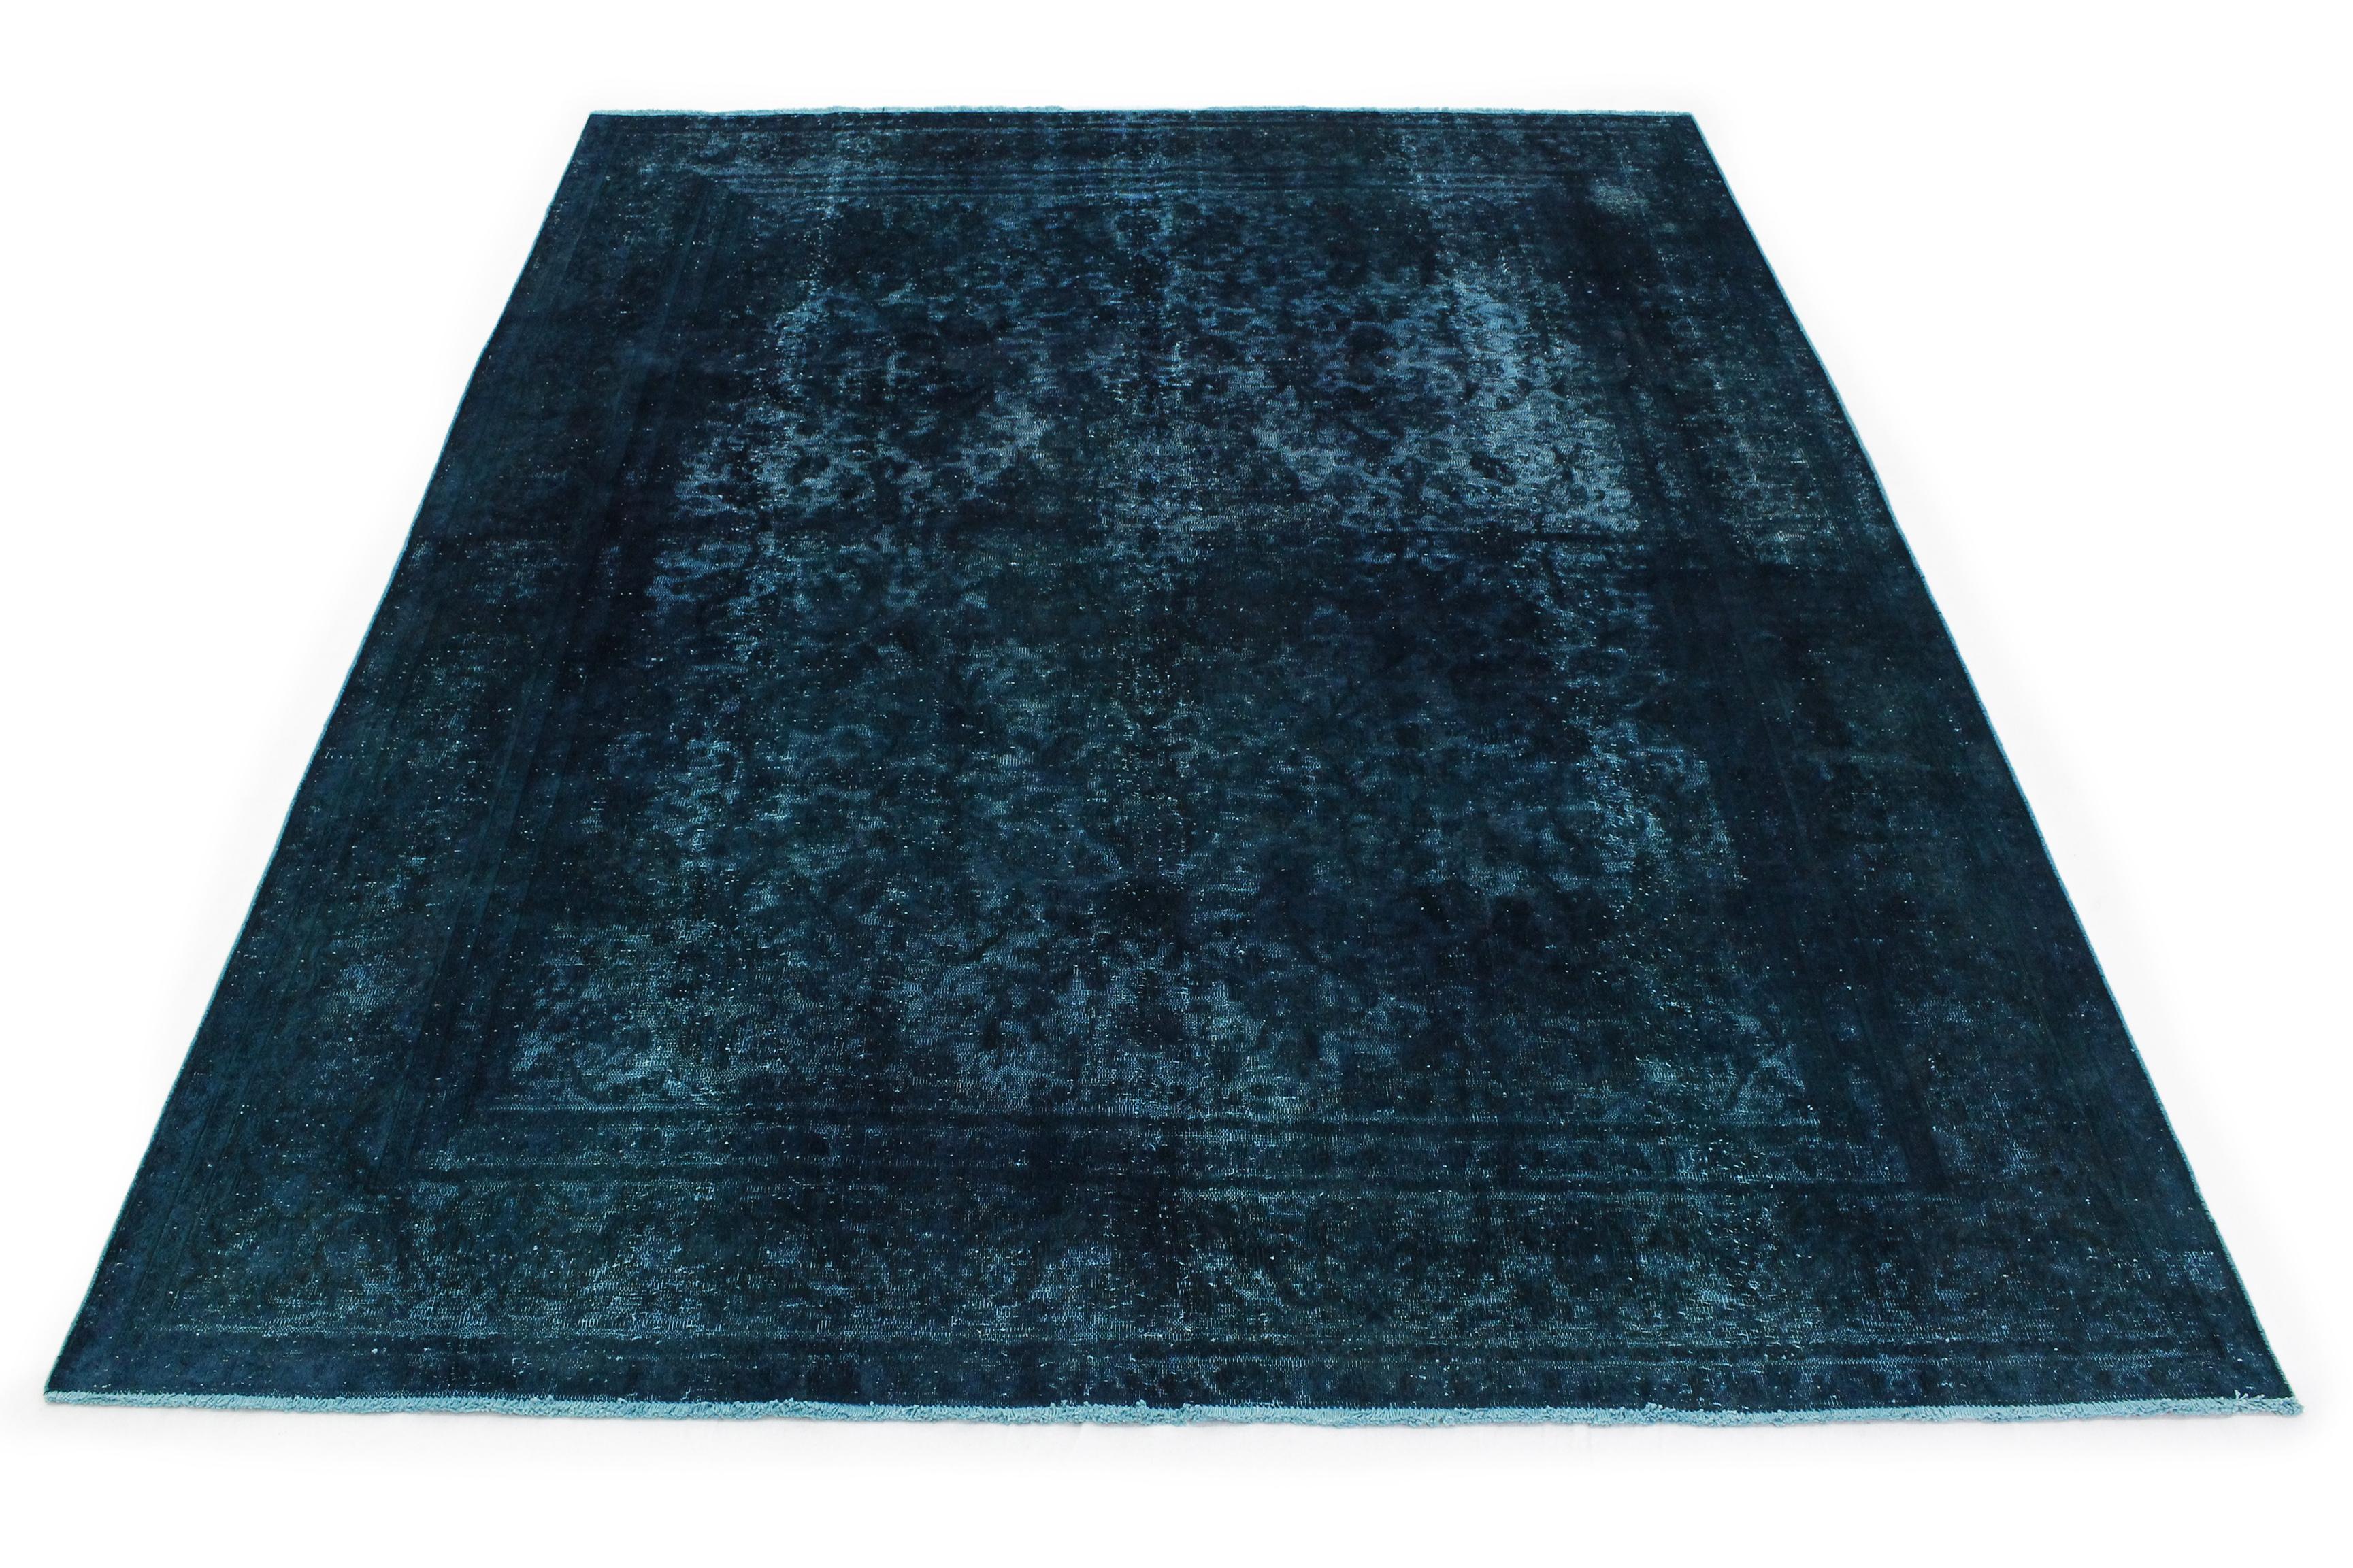 Orientteppich blau  Vintage-Teppiche - carpetido.de